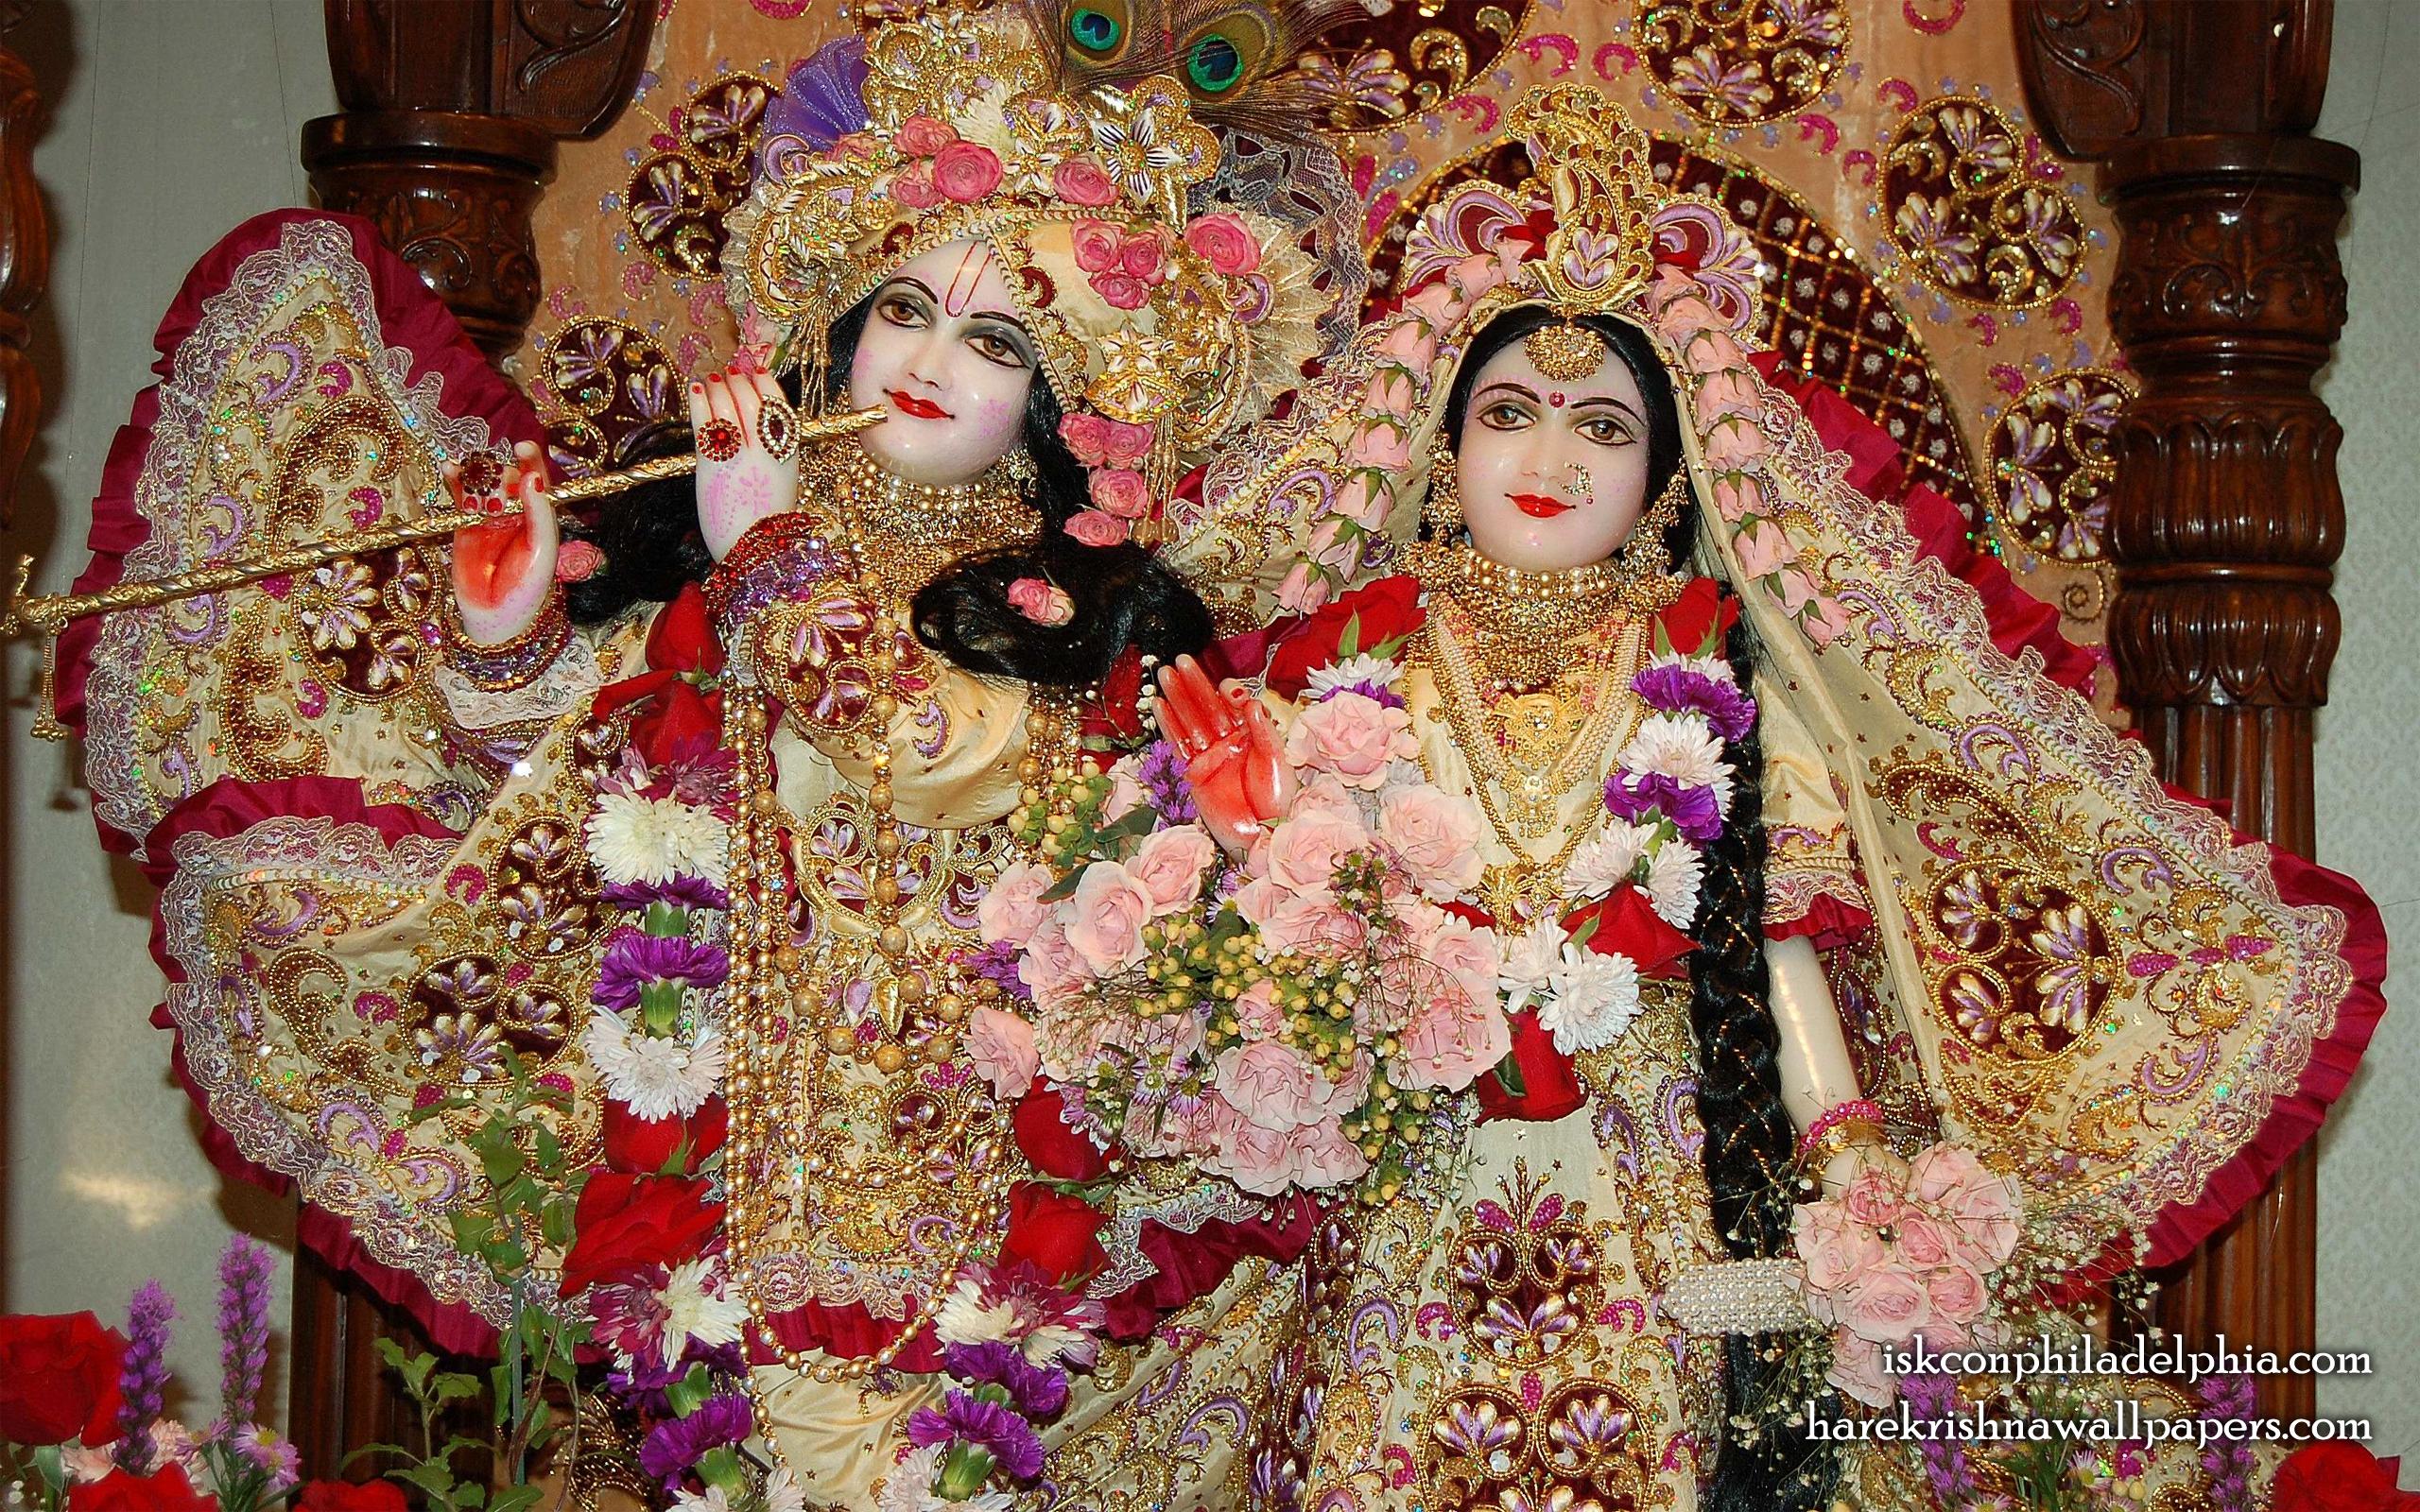 Sri Sri Radha Krishna Close up Wallpaper (015) Size 2560x1600 Download